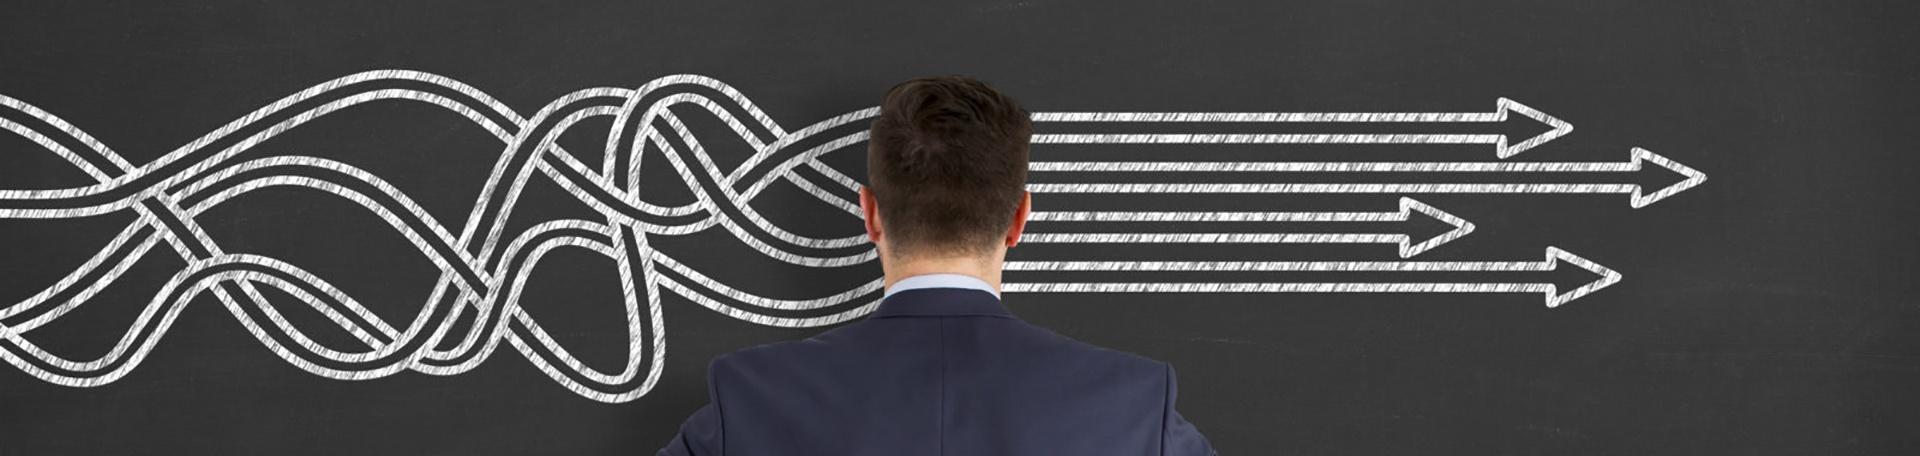 Finden Sie die richtige Sicherungsstrategie für Ihren Server: Fünf Wege Ihre Daten zu sichern